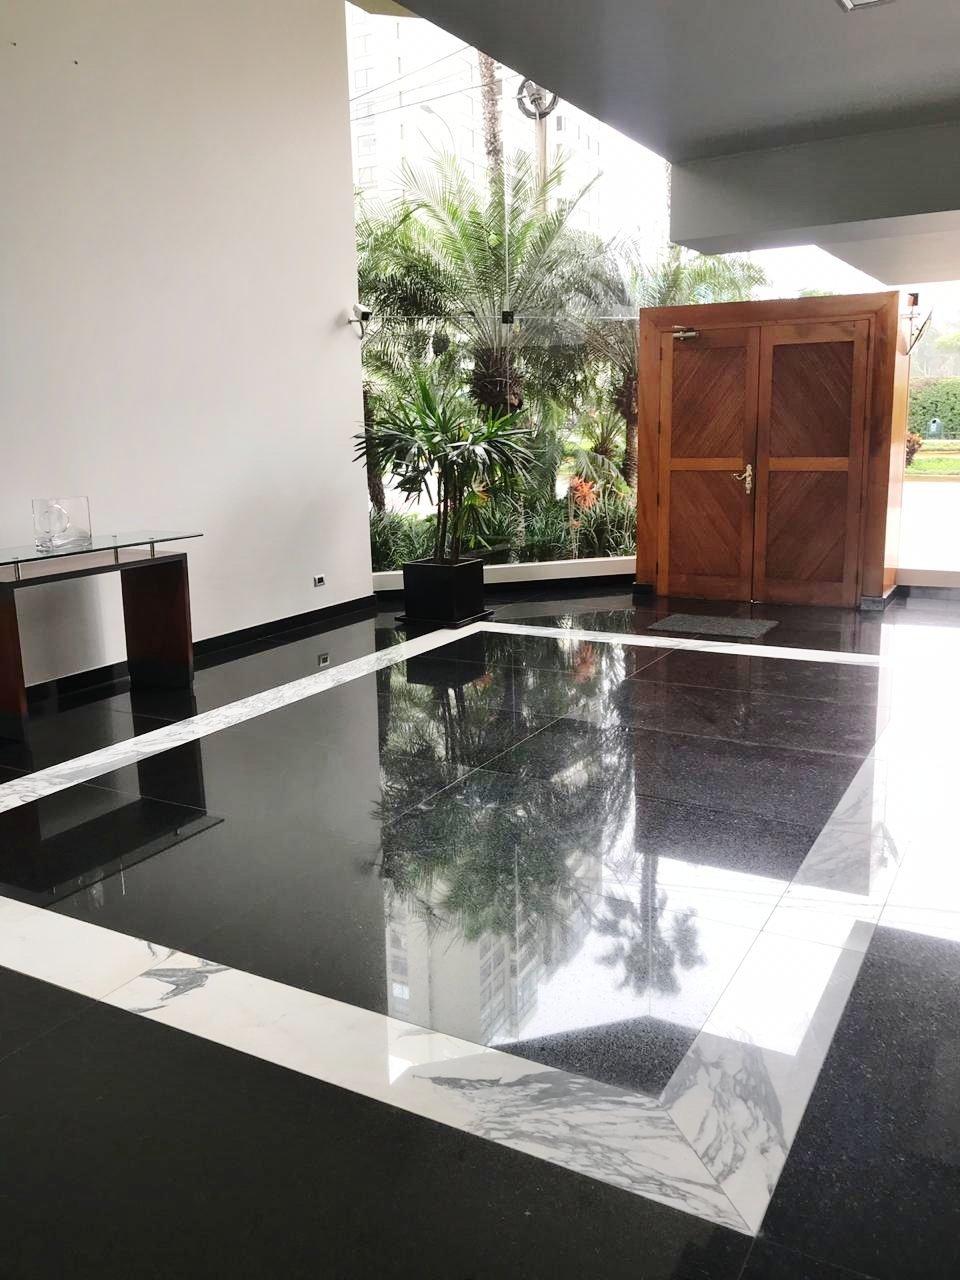 ESPLENDIDA VISTA AL GOLF DE SAN ISIDRO DESDE EL PENT HOUSE UBICADO EN ALQUILER UBICADO EN AVENIDA GENERAL PORTILLO